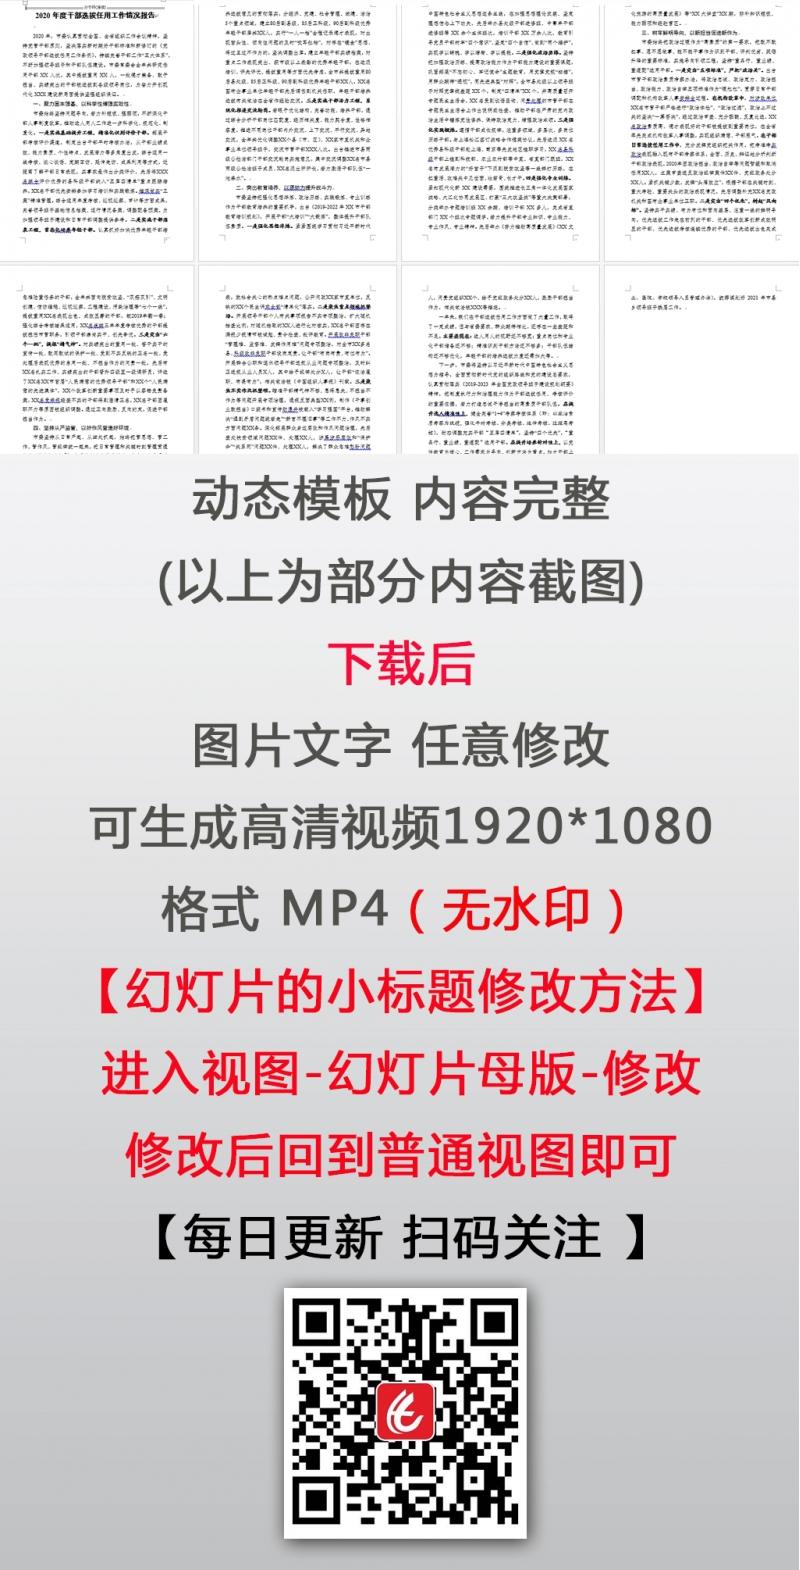 2020年度干部选拔 任用工作情况报告党课讲稿PPT